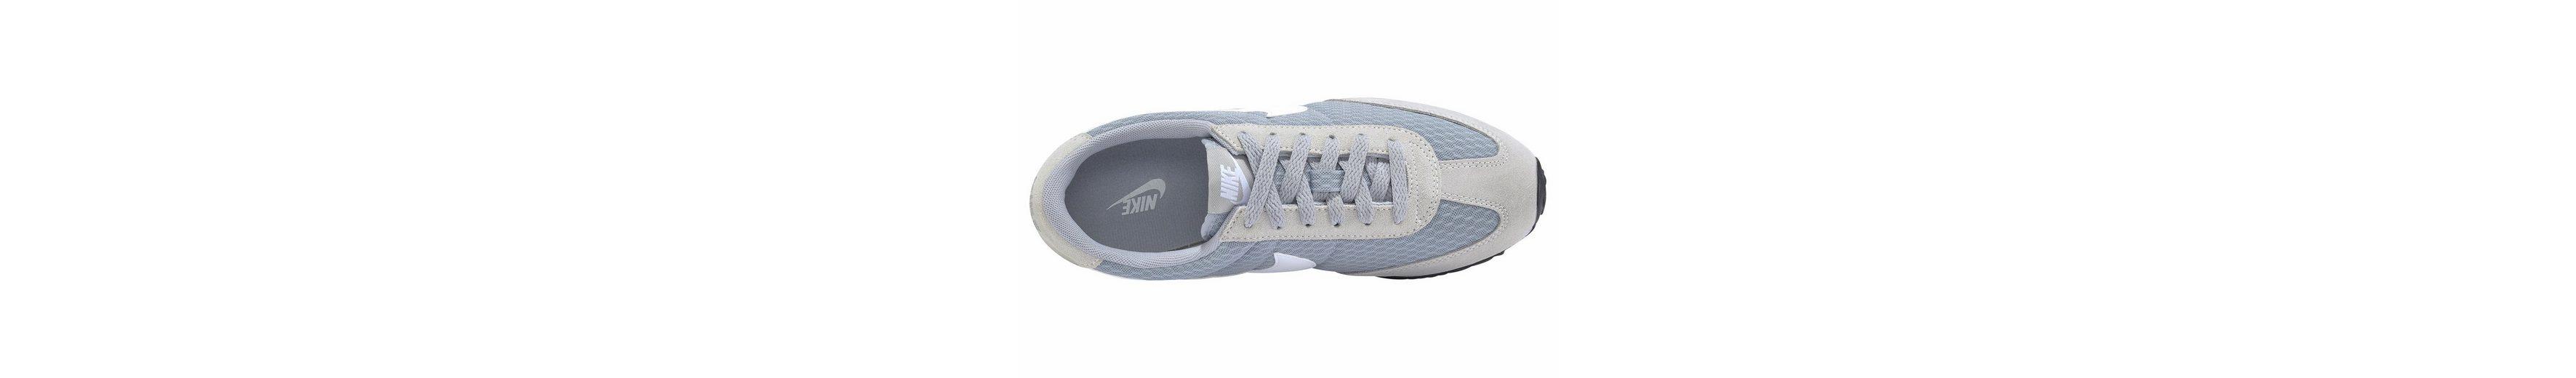 Freies Verschiffen Schnelle Lieferung Verkauf Billigsten Nike Sportswear Oceania Sneaker Rabatt Mode-Stil kk4tCKiM9